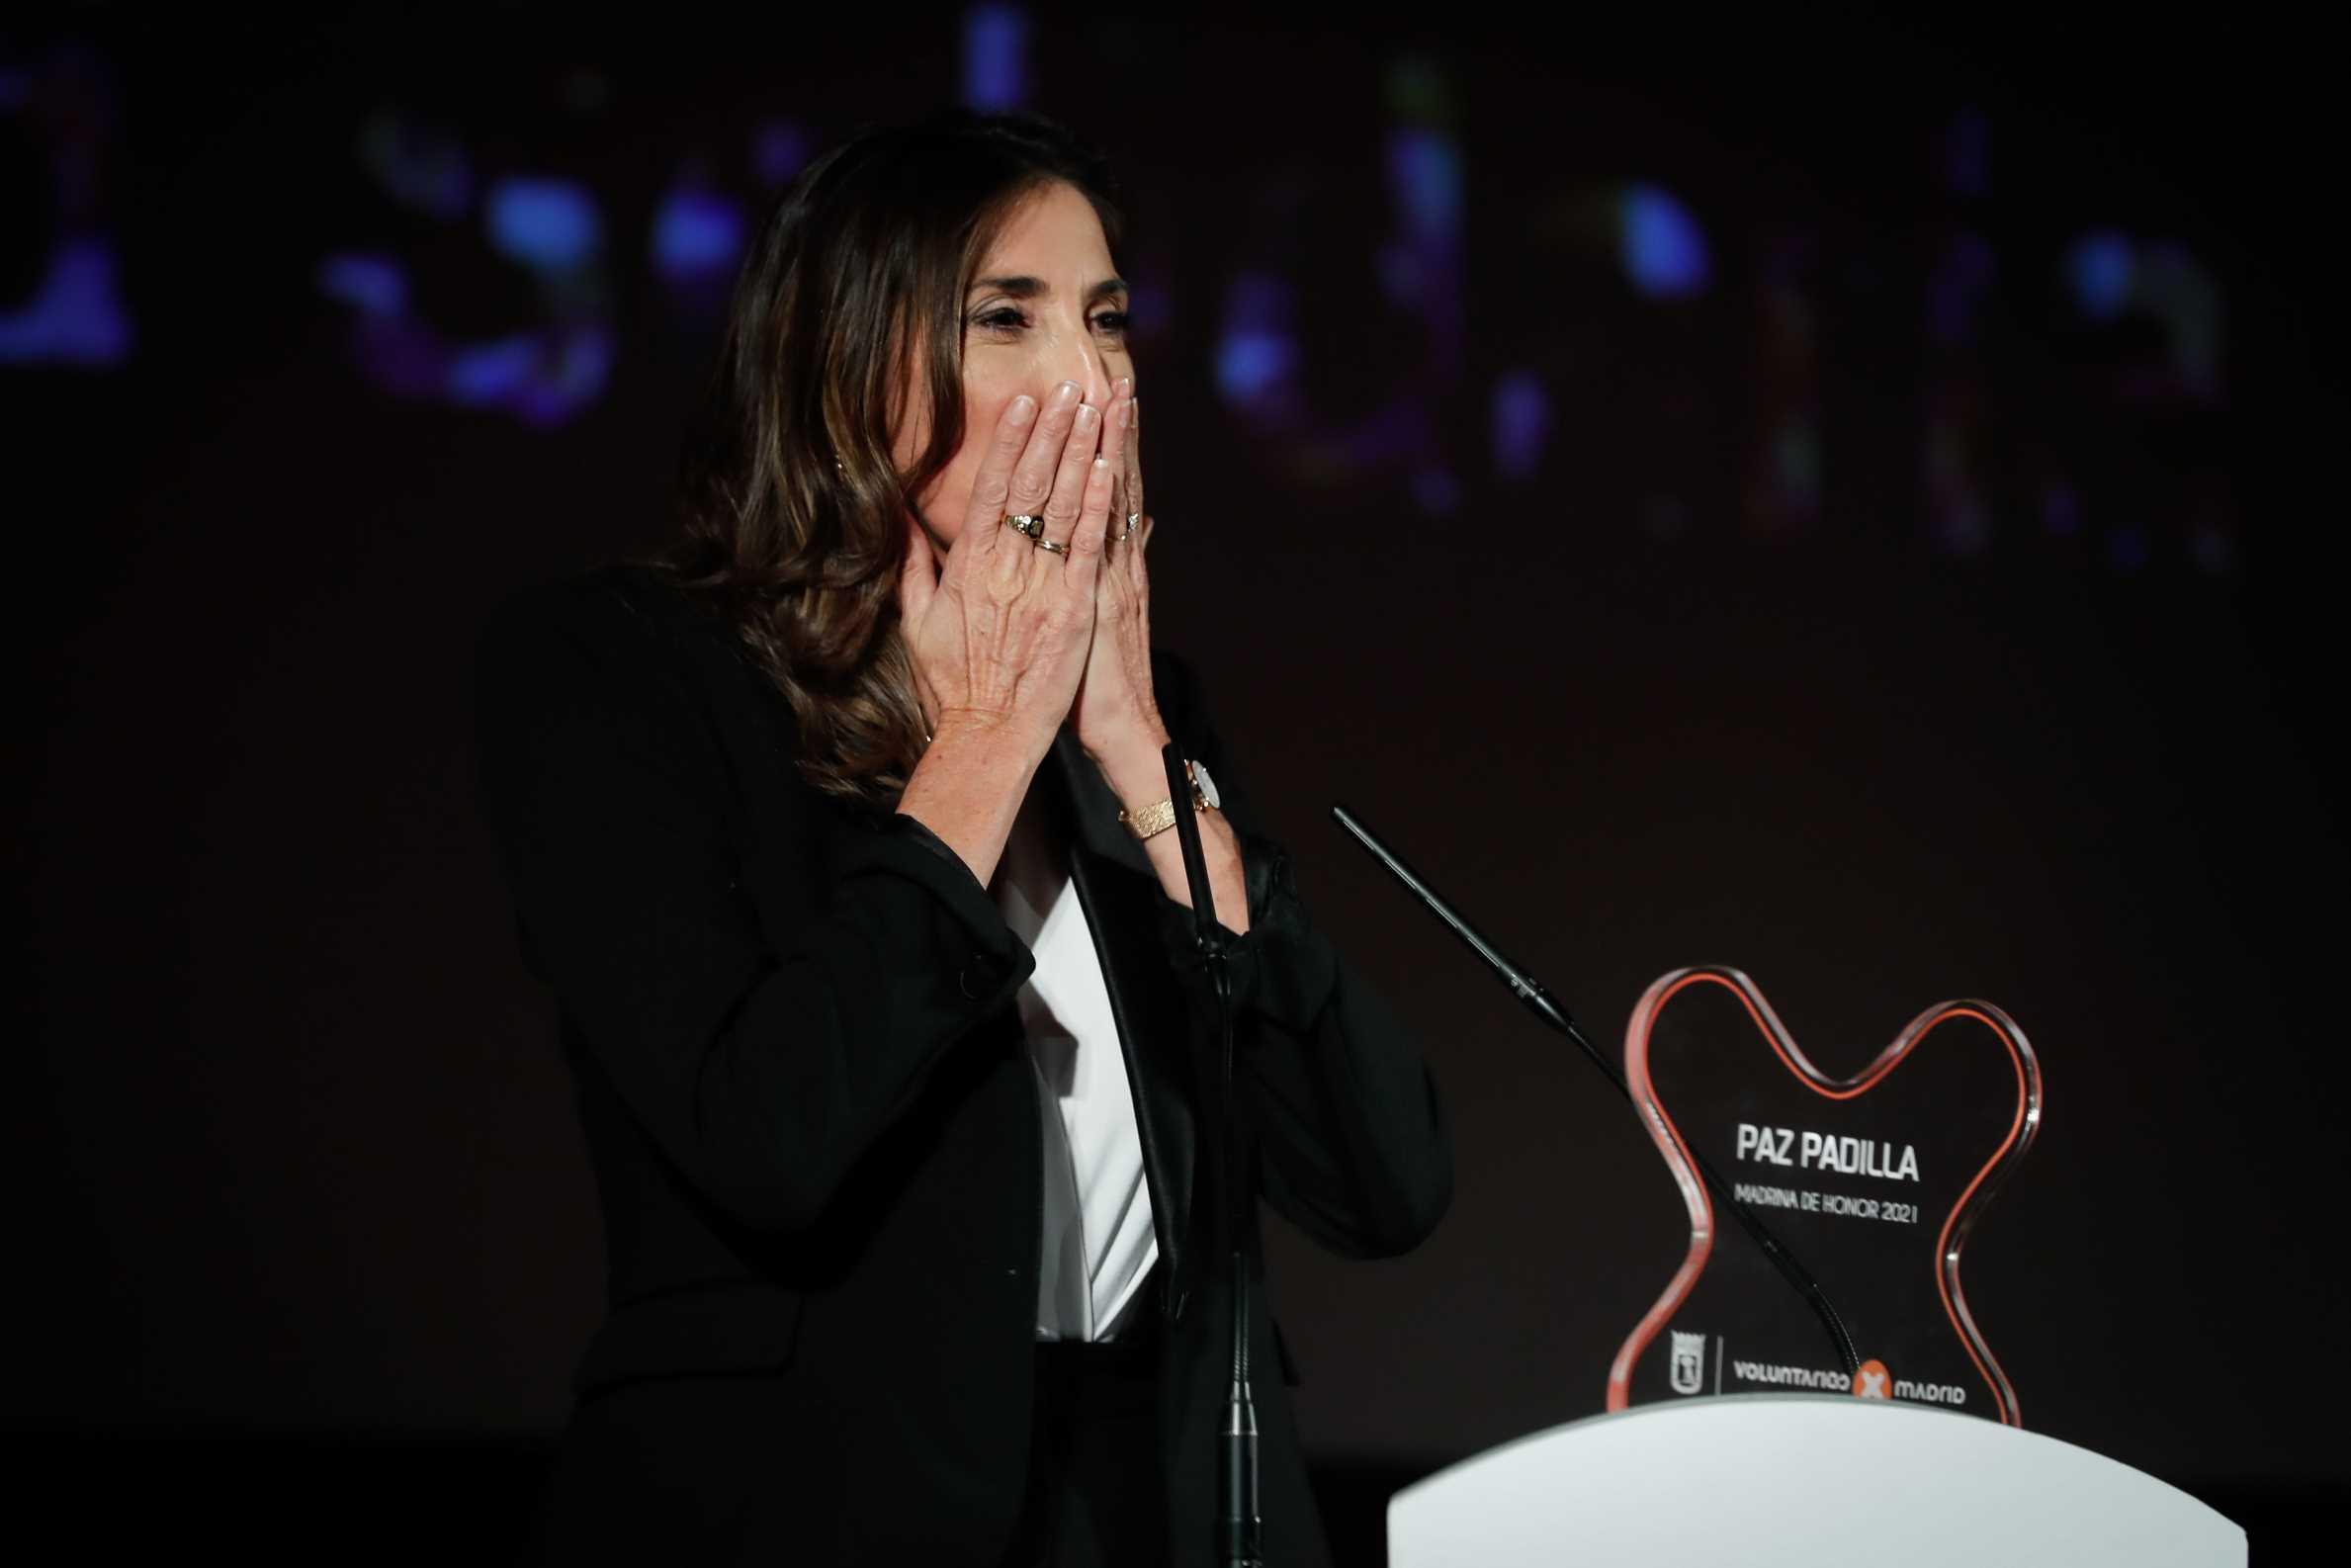 Paz Padilla despide el 2020 con un conmovedor mensaje a su marido fallecido